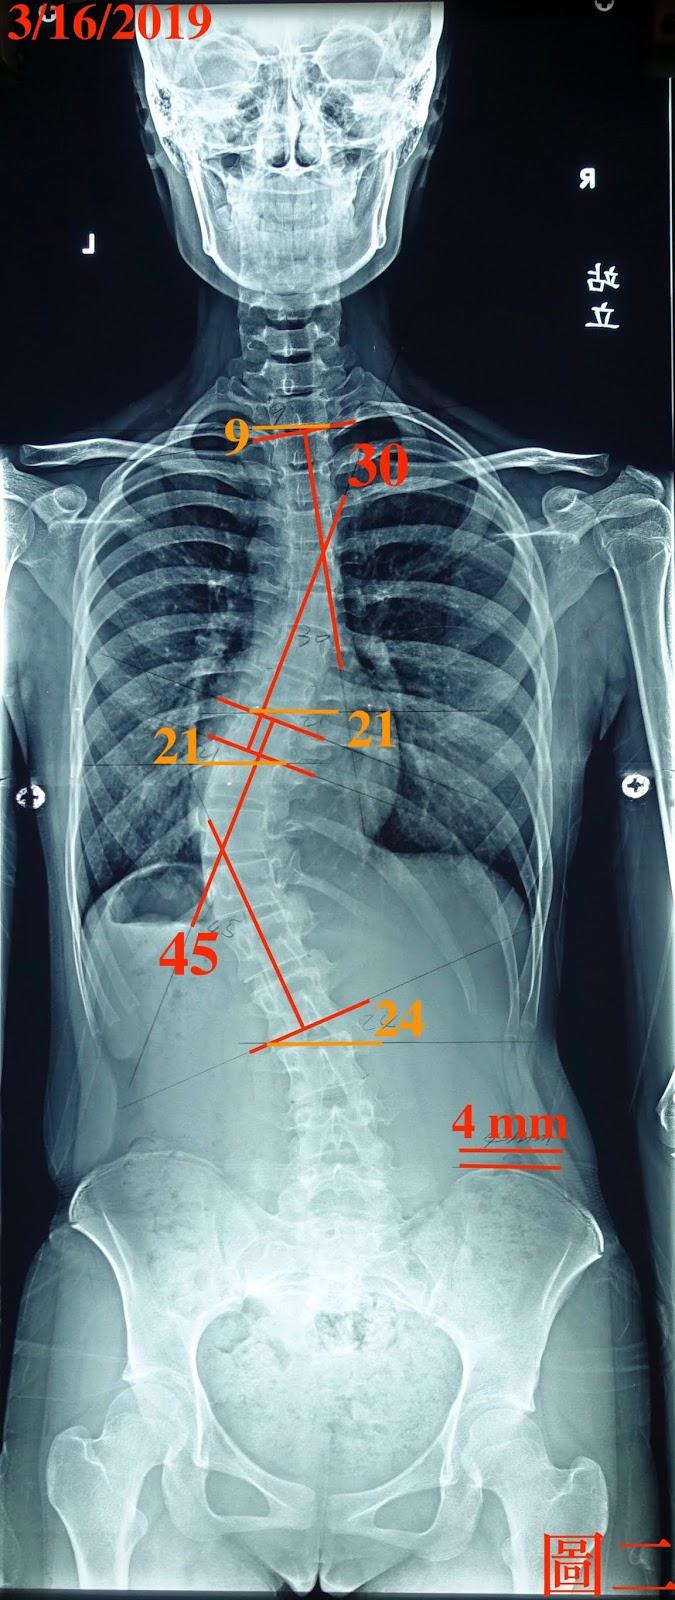 脊椎側彎, 脊椎側彎矯正, 脊椎側彎治療, 脊椎側彎 背架